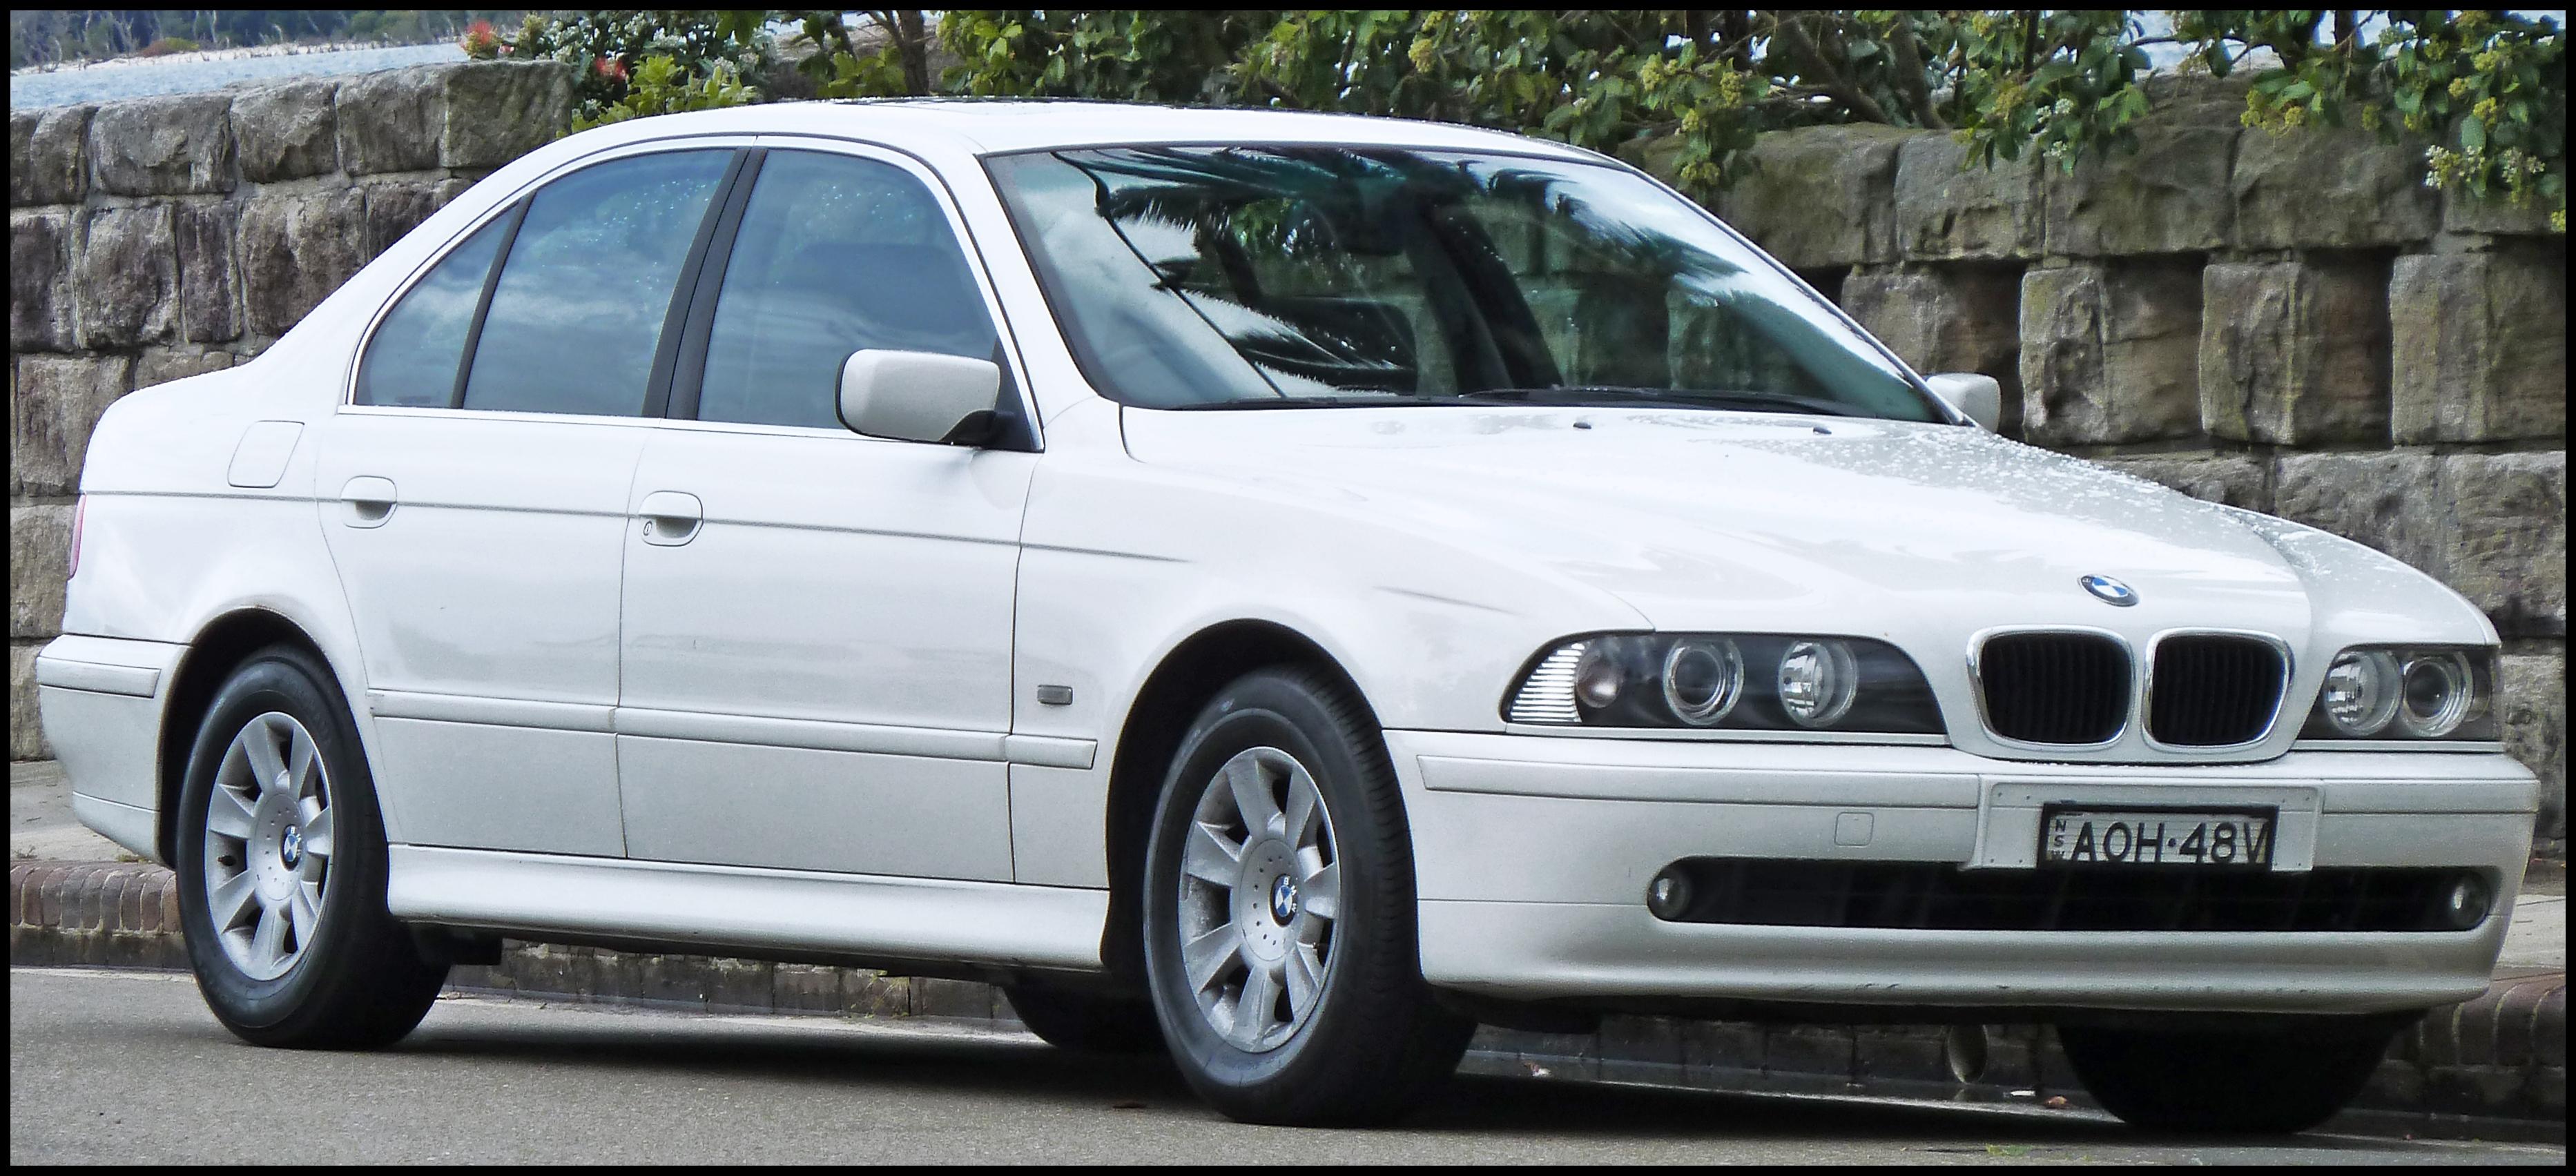 2000 2003 BMW 525i E39 Executive sedan % 10 02 01